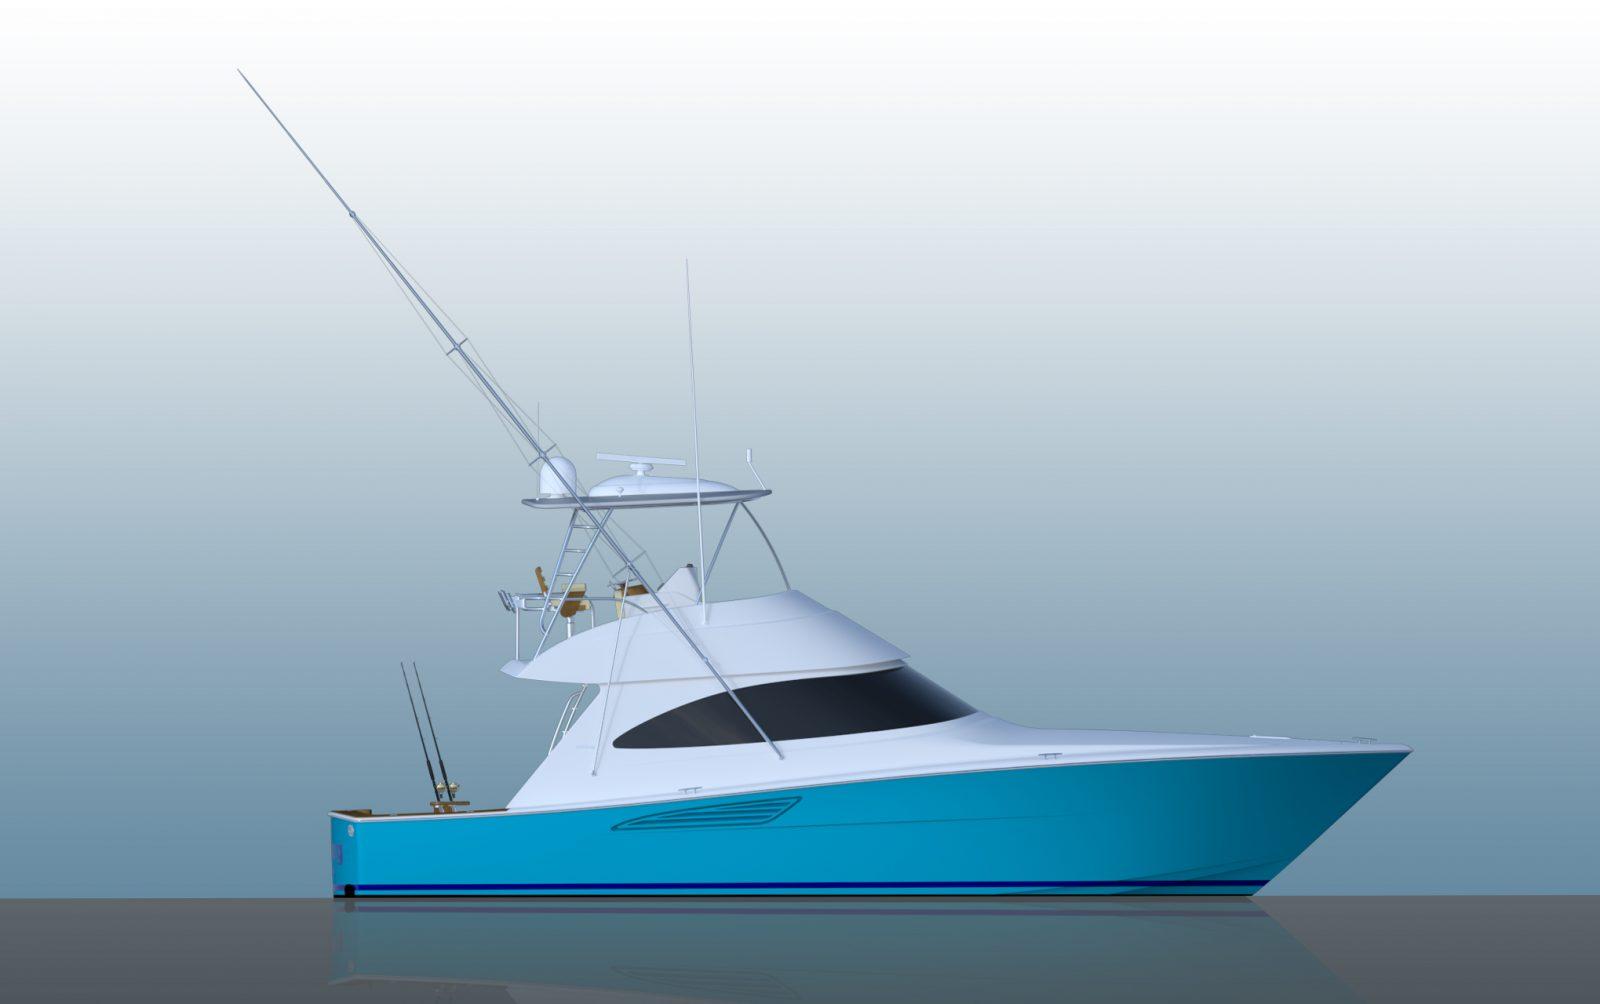 170428 - 44C Profile   44 Convertible